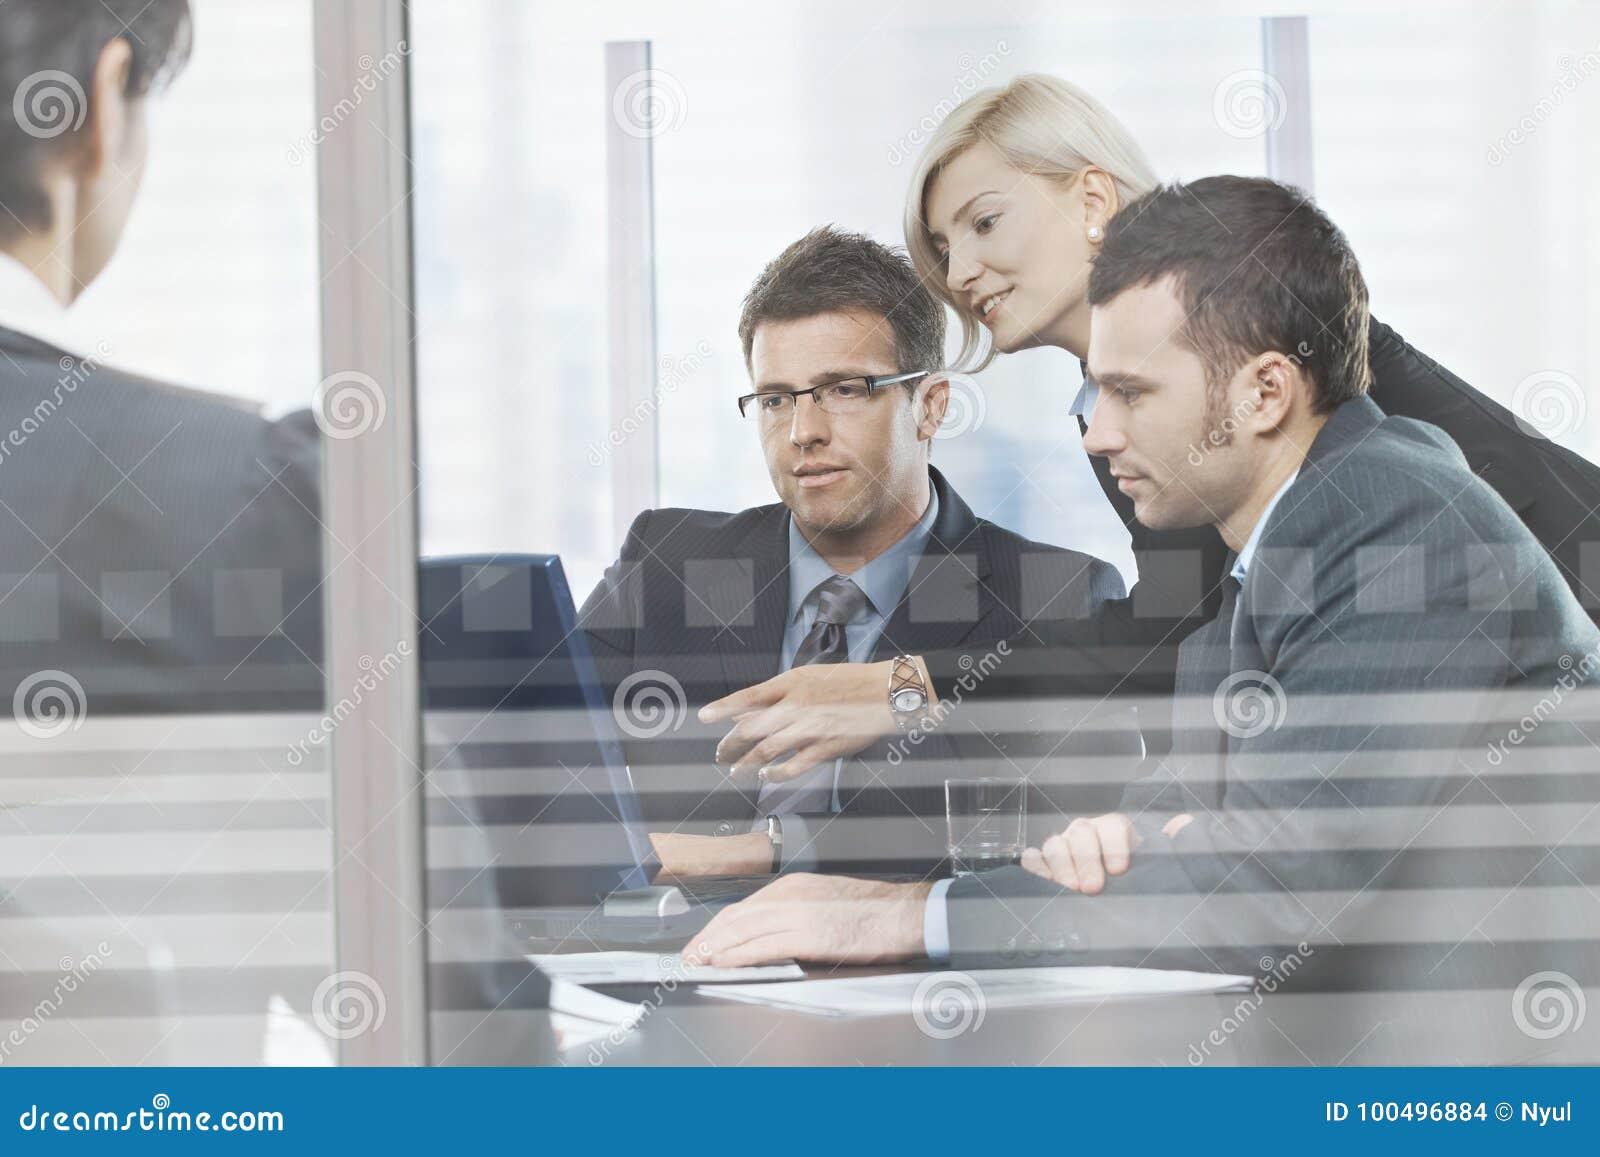 Business people meeting in boardroom behind glass